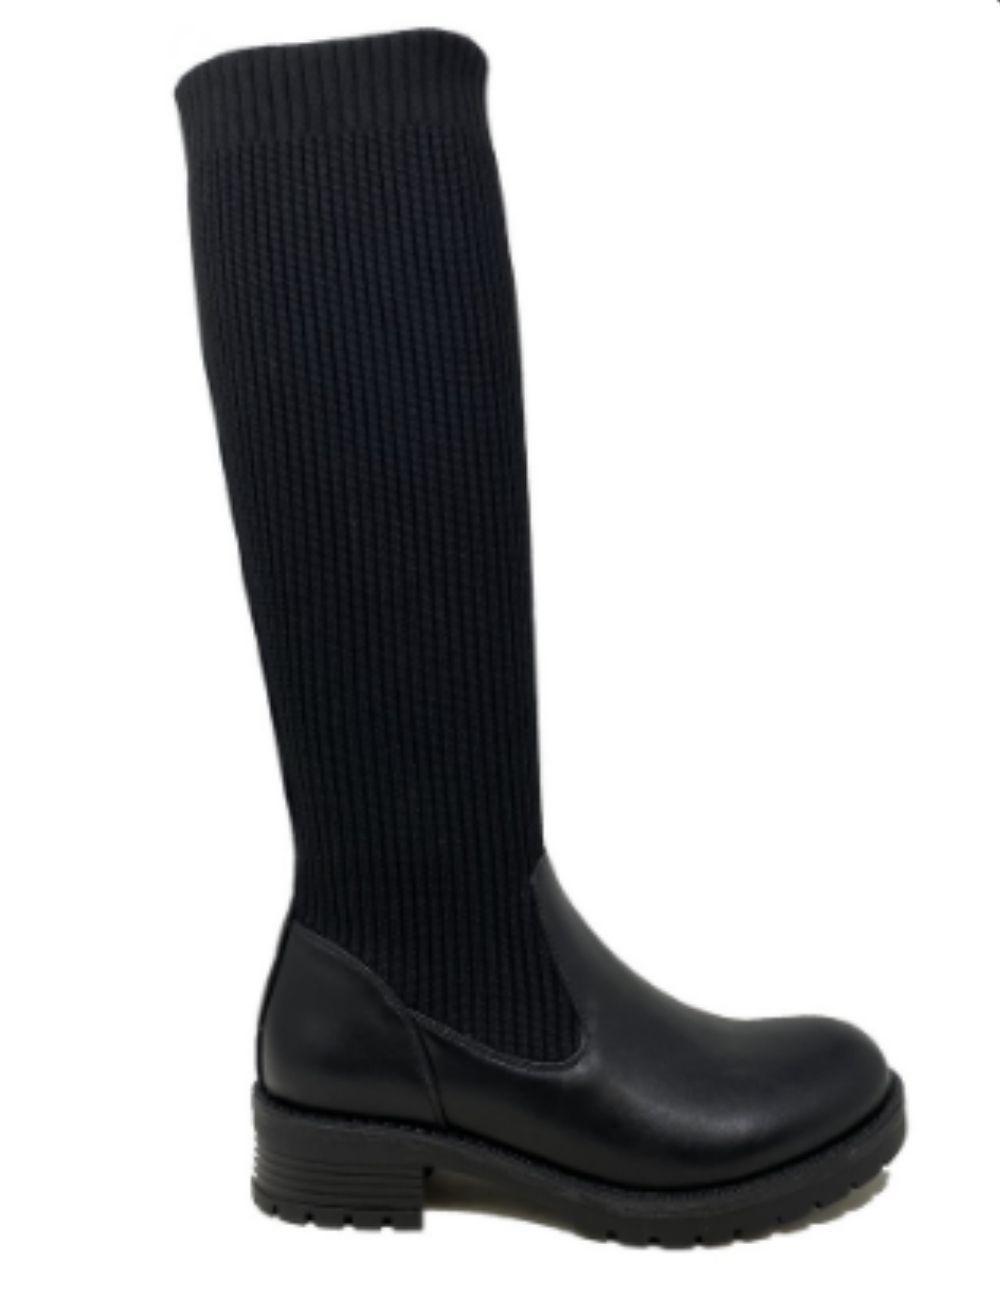 bottes chaussettes noires en maille